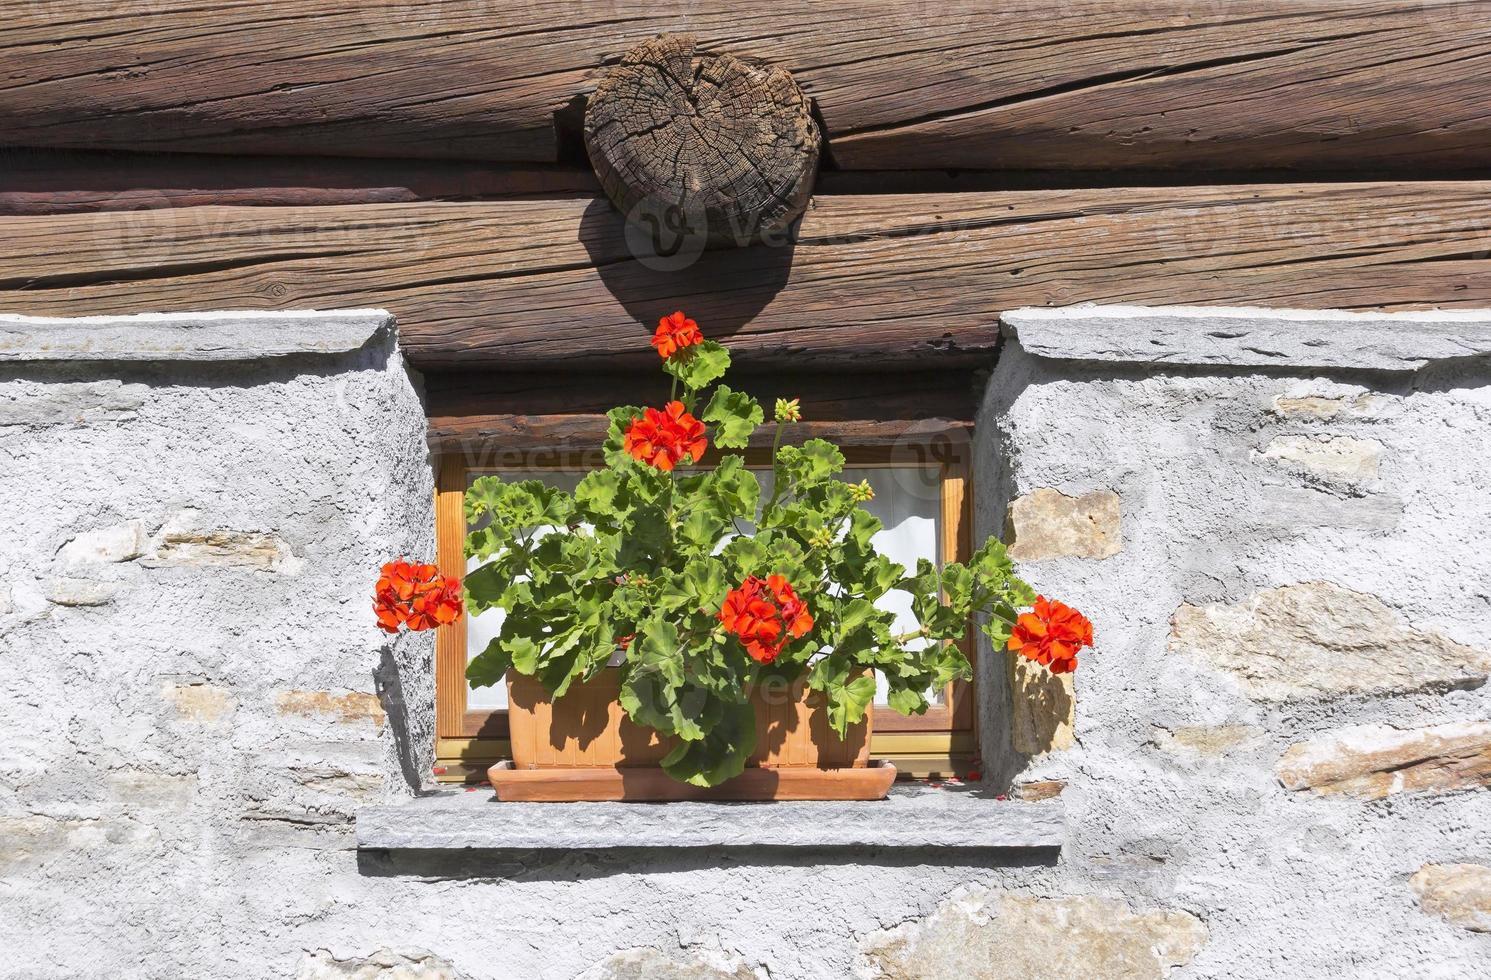 pequeña ventana vieja foto